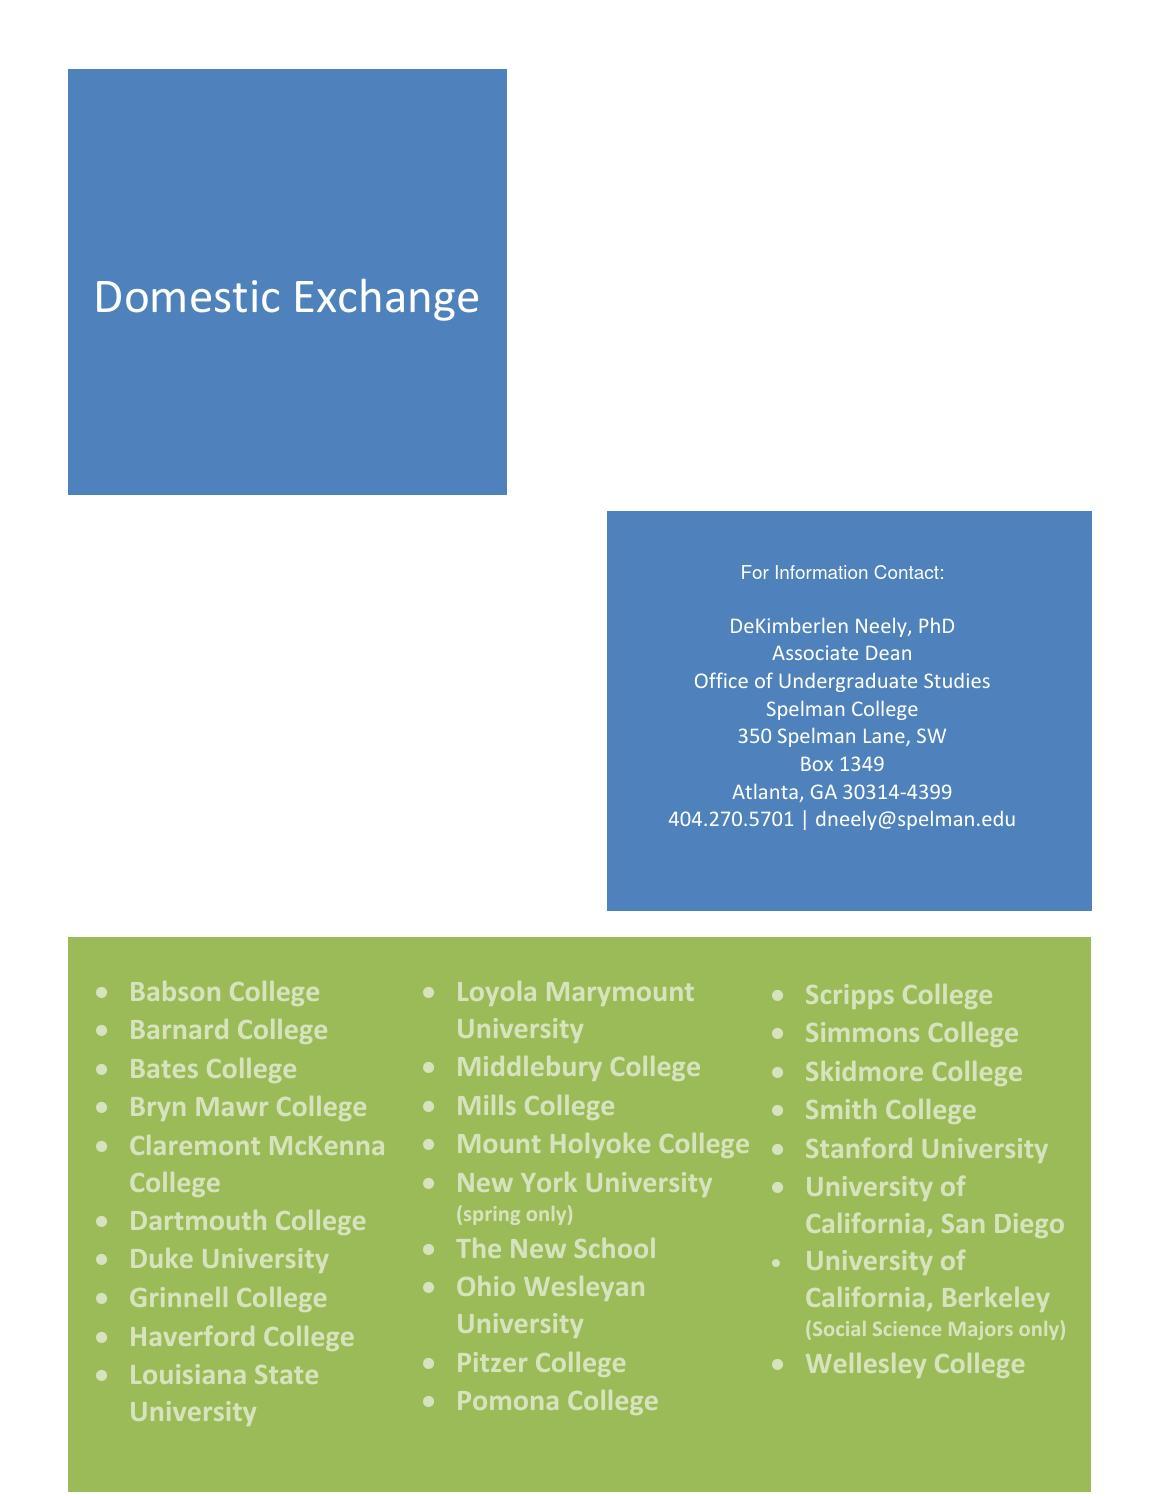 Spelman College Domestic Exchange Brochure by Spelman